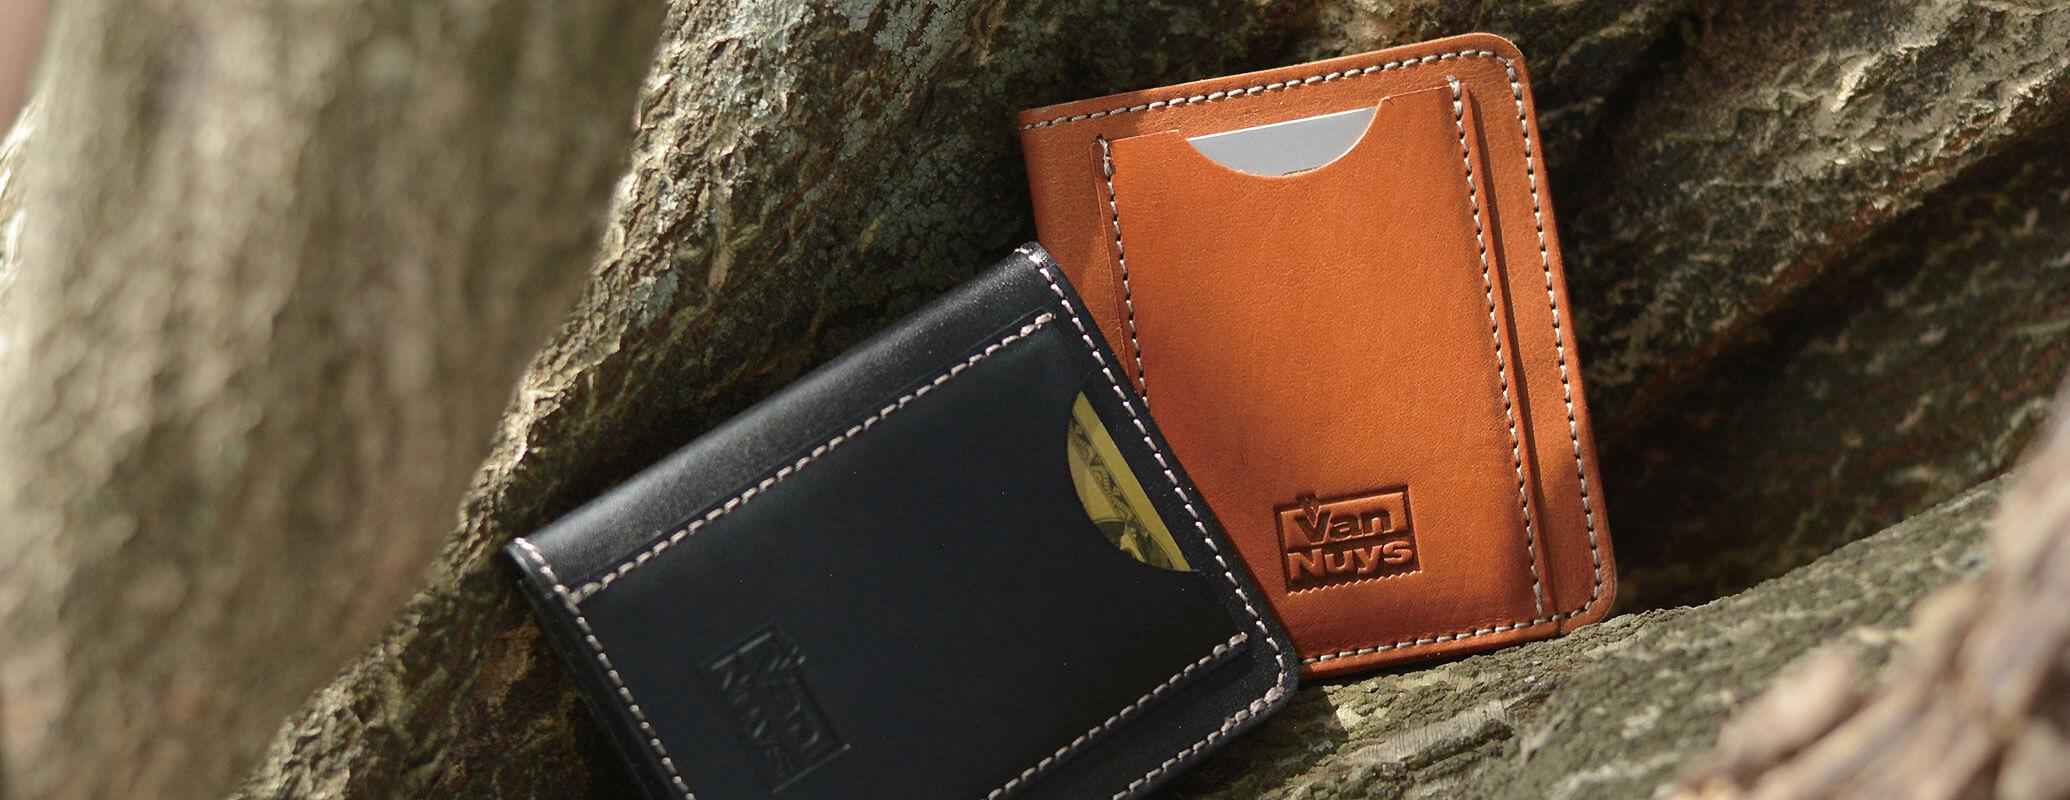 徳島で財布を買うならココ!とくしま発ブランド「VanNuys」